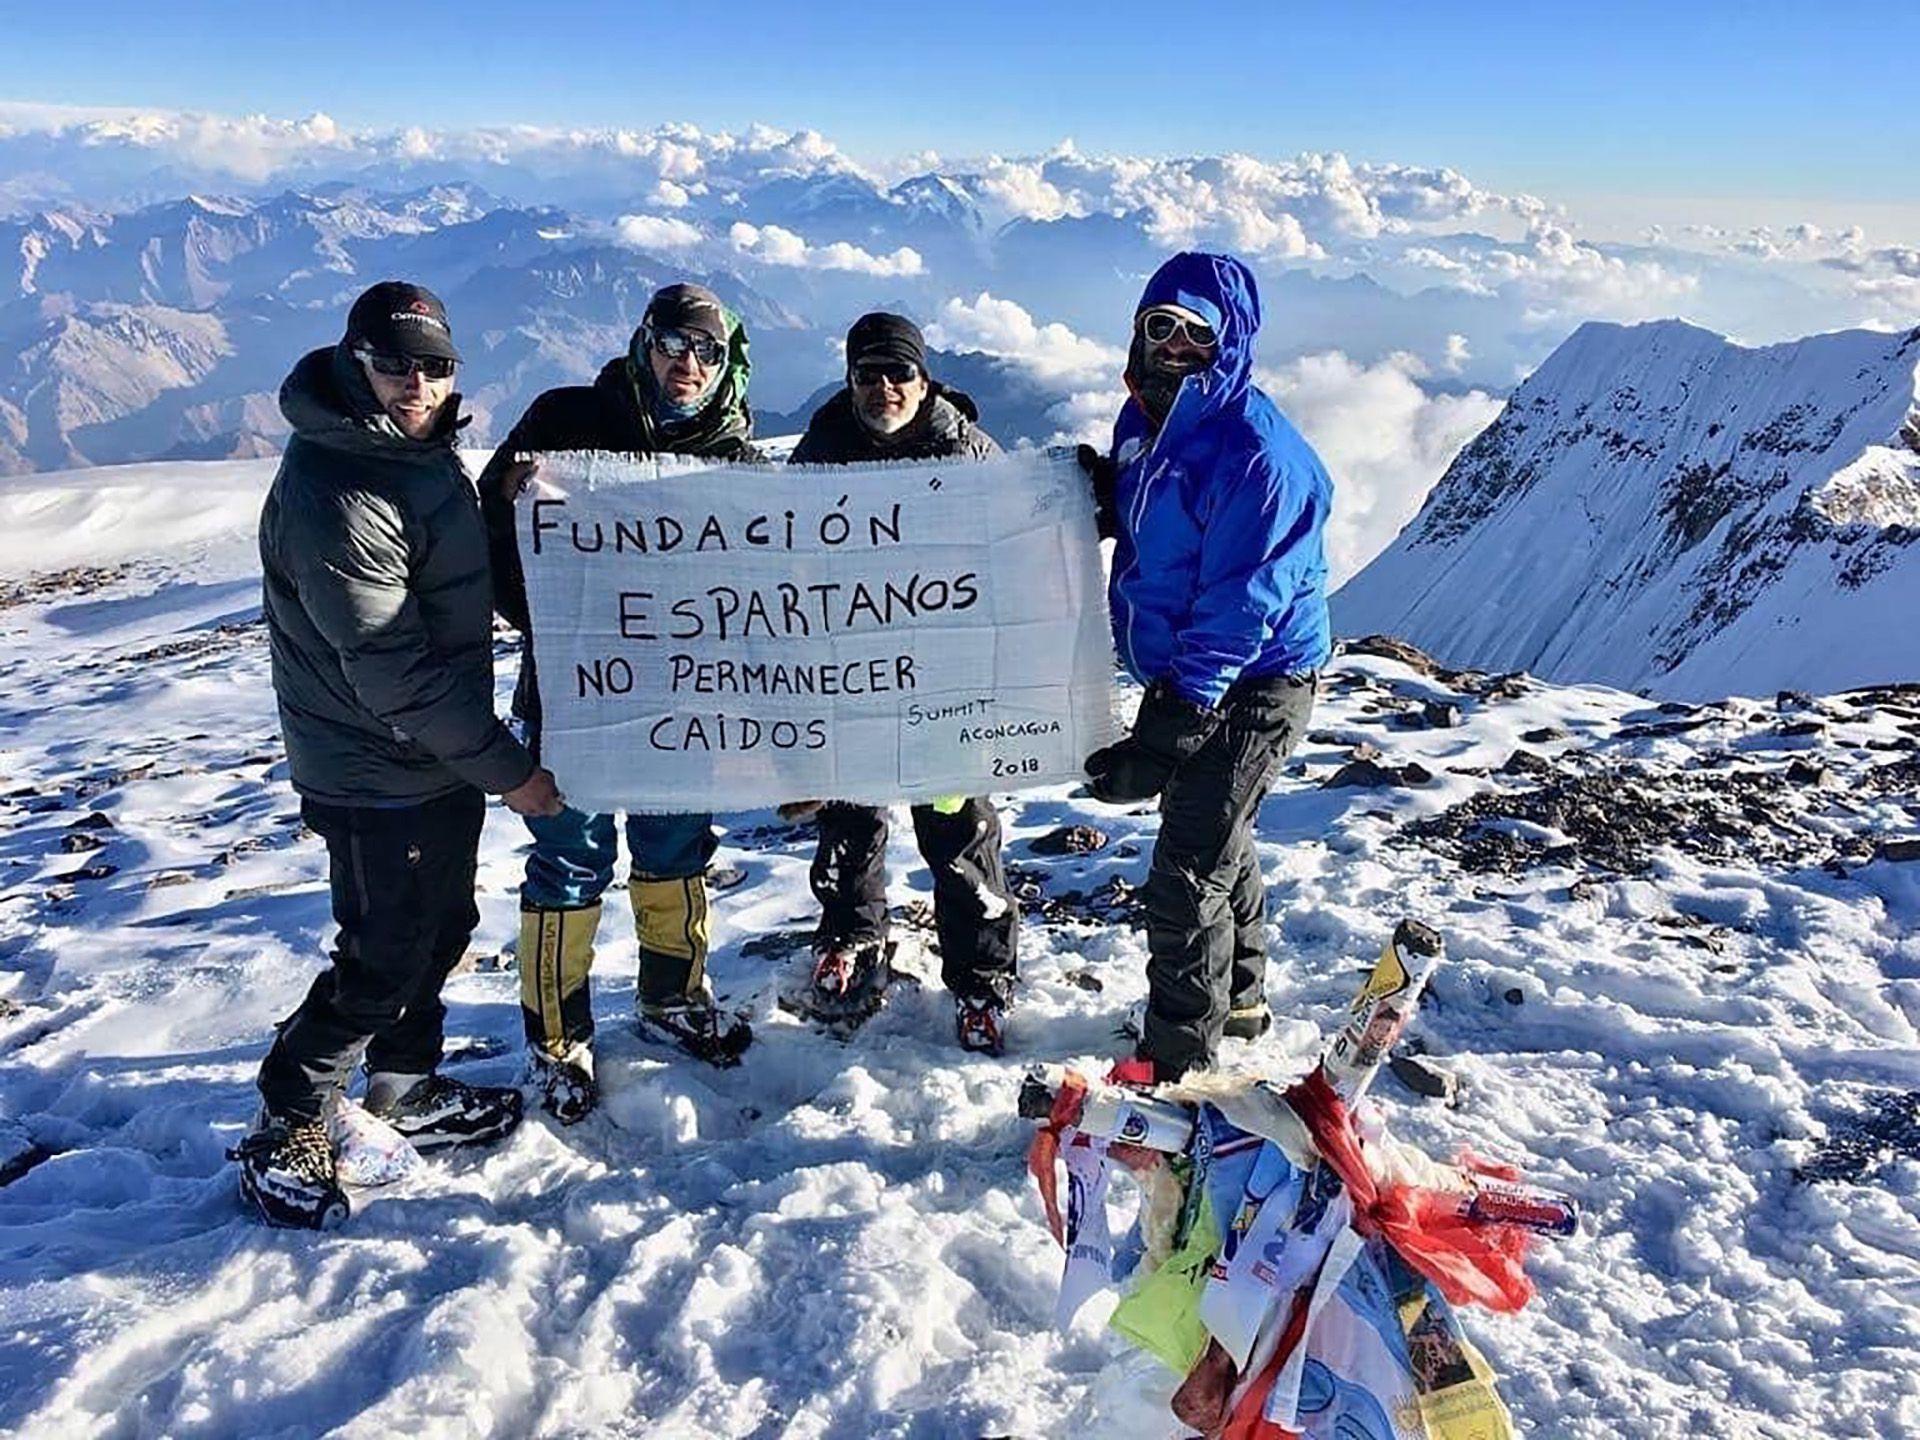 Baraja escaló el Aconcagua y el año que viene apuesta a subir al Kilimanyaro (5.893 metros), en África